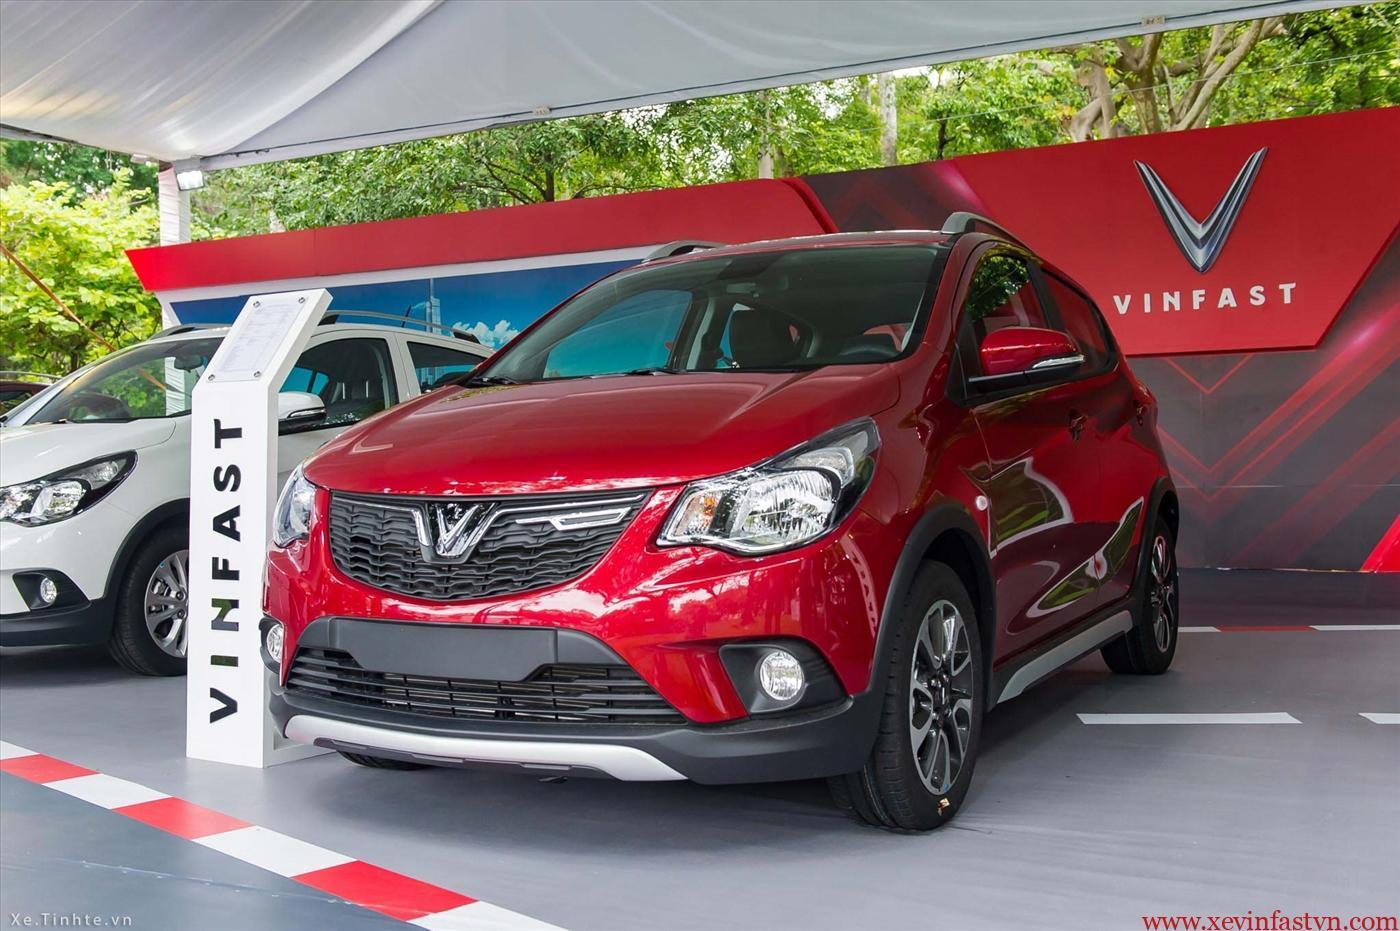 Vinfast Fadil Hatchback 1.4L At Phiên Bản Tiêu Chuẩn (Máy Xăng) - Hình 1